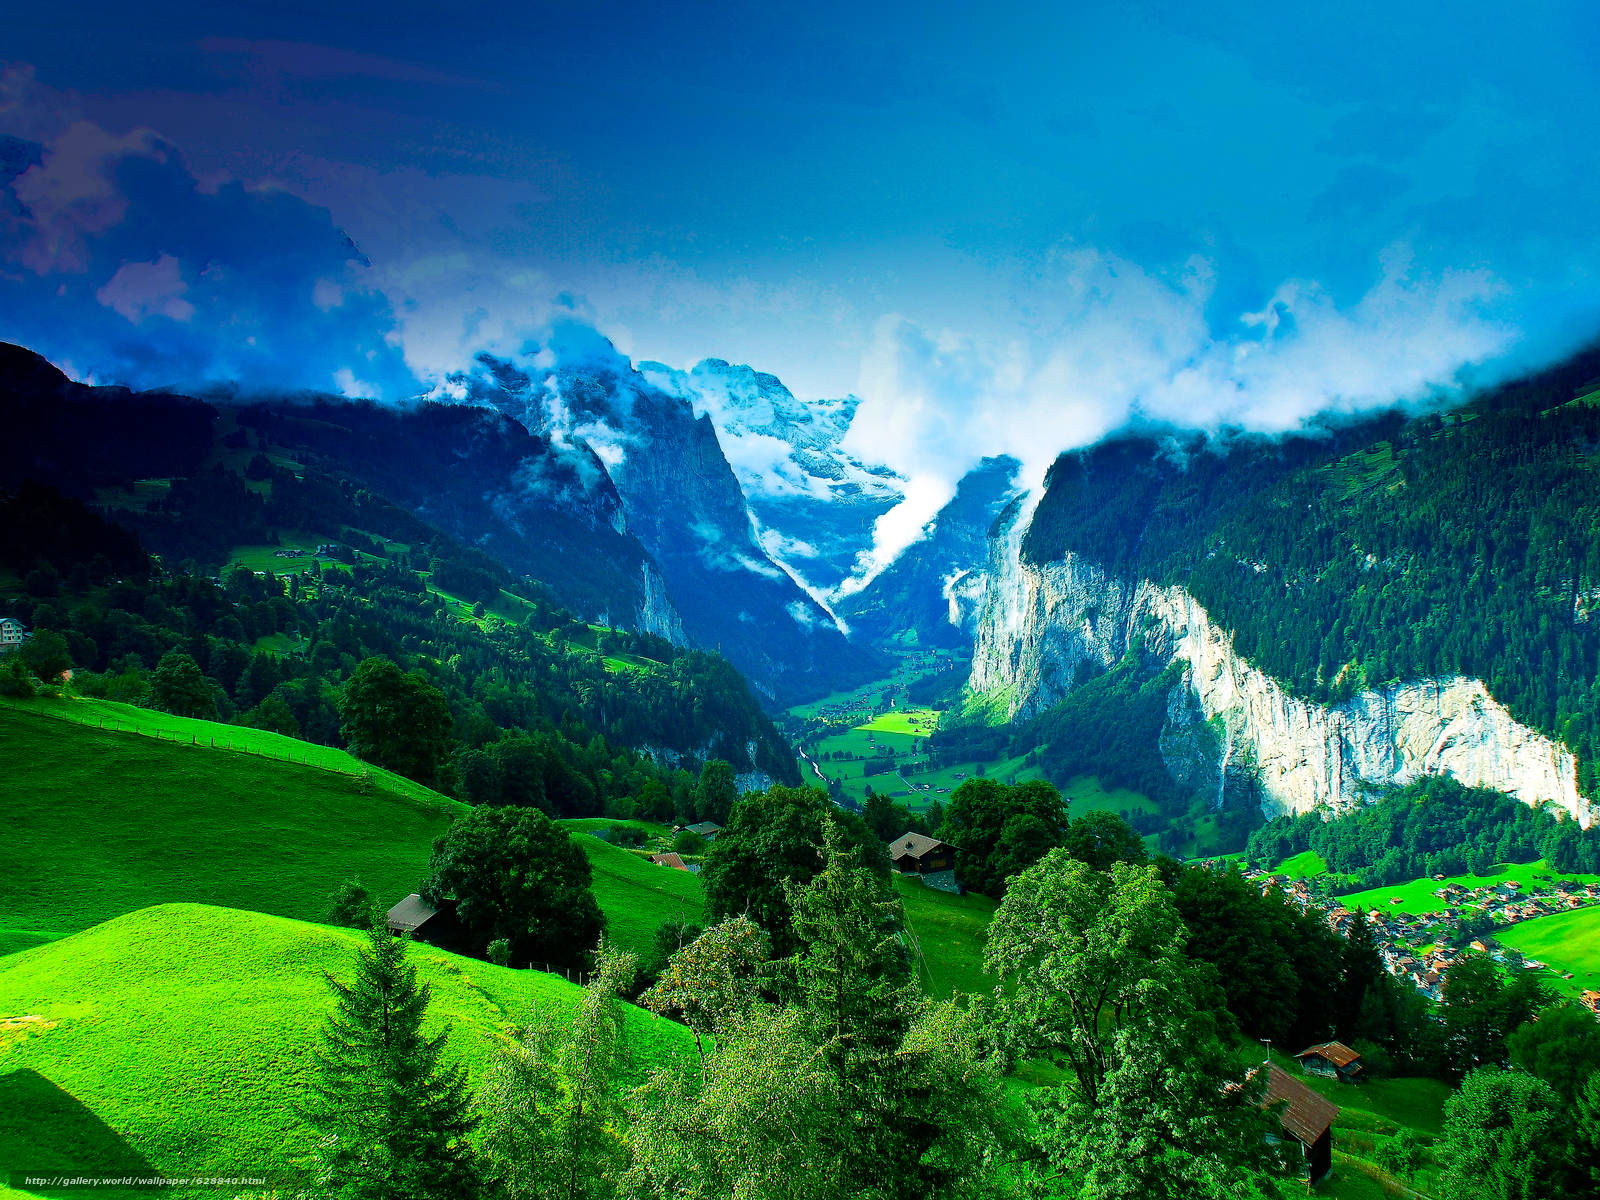 горы, холмы, деревья, дома, италия, пейзаж